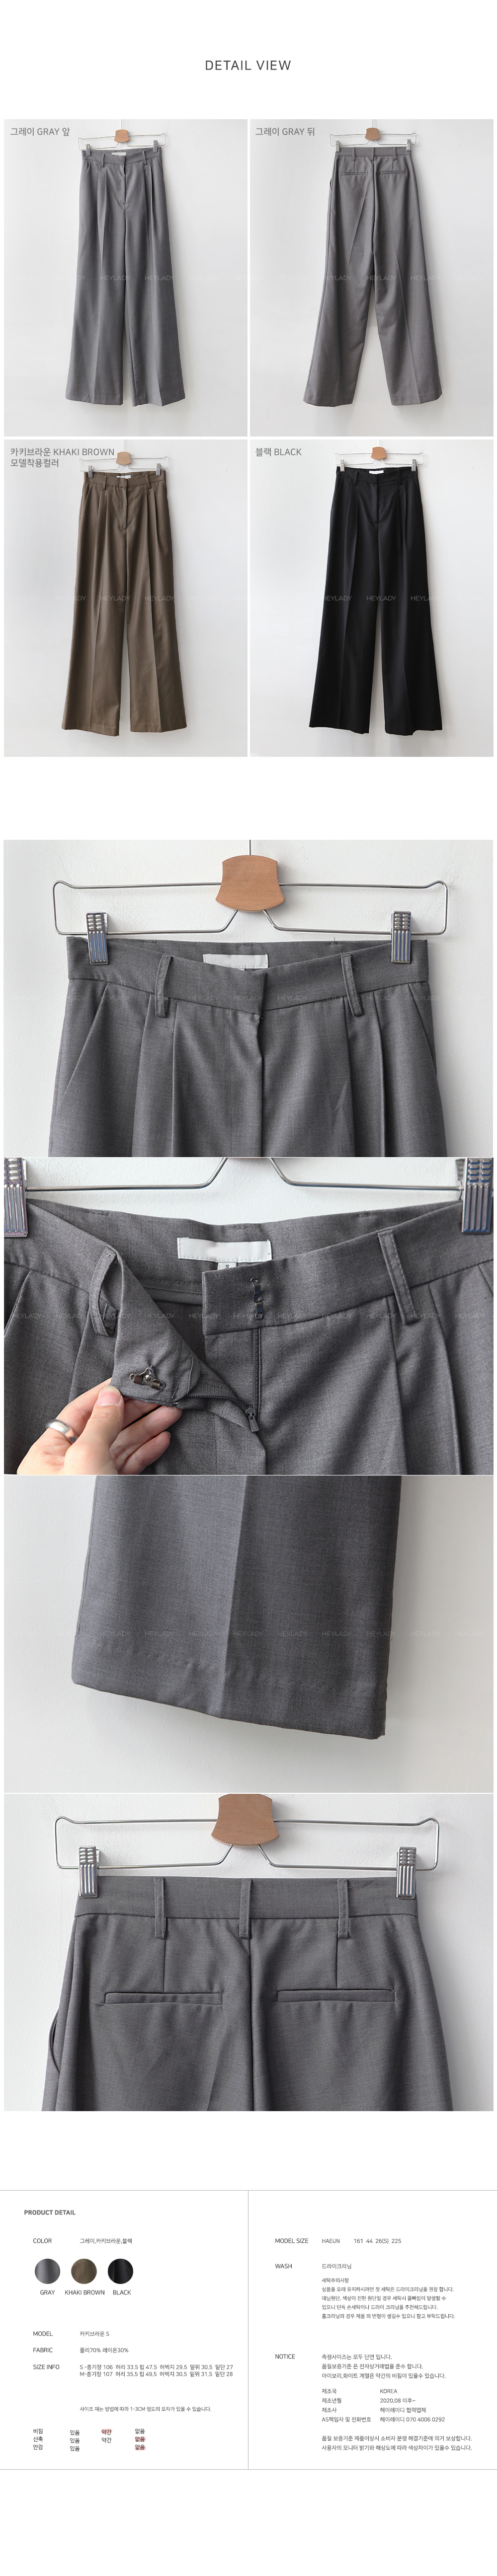 Limiter wide slacks